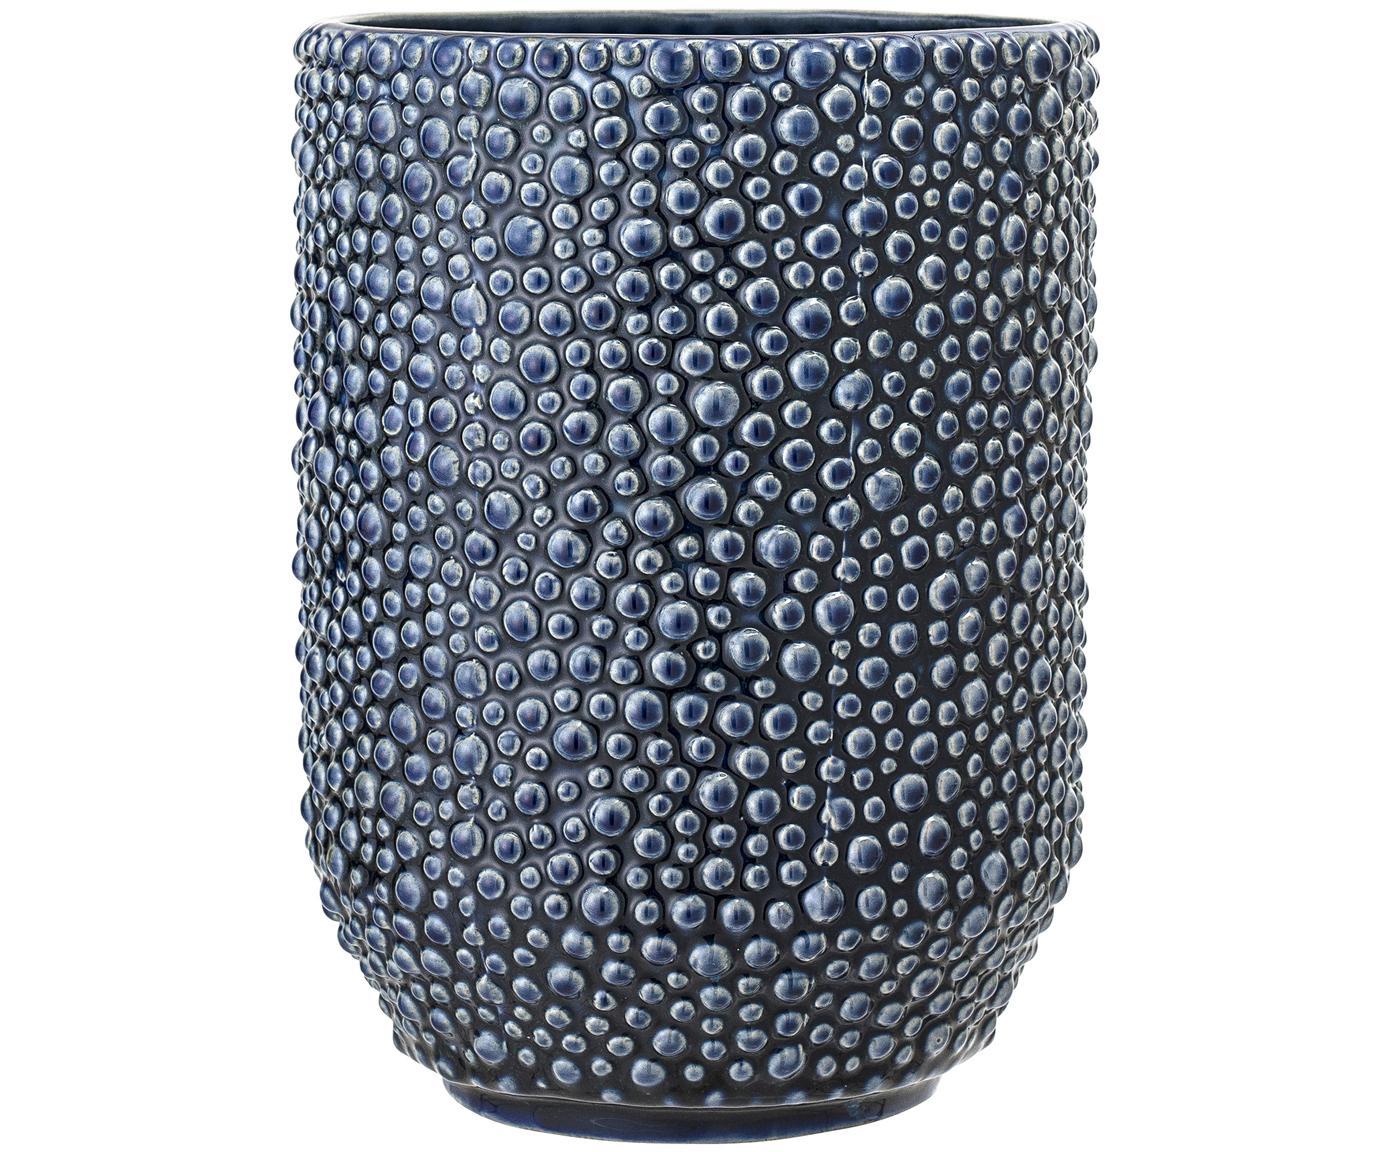 Jarrón de cerámica Ozean, Cerámica, Azul, Ø 15 x Al 21 cm